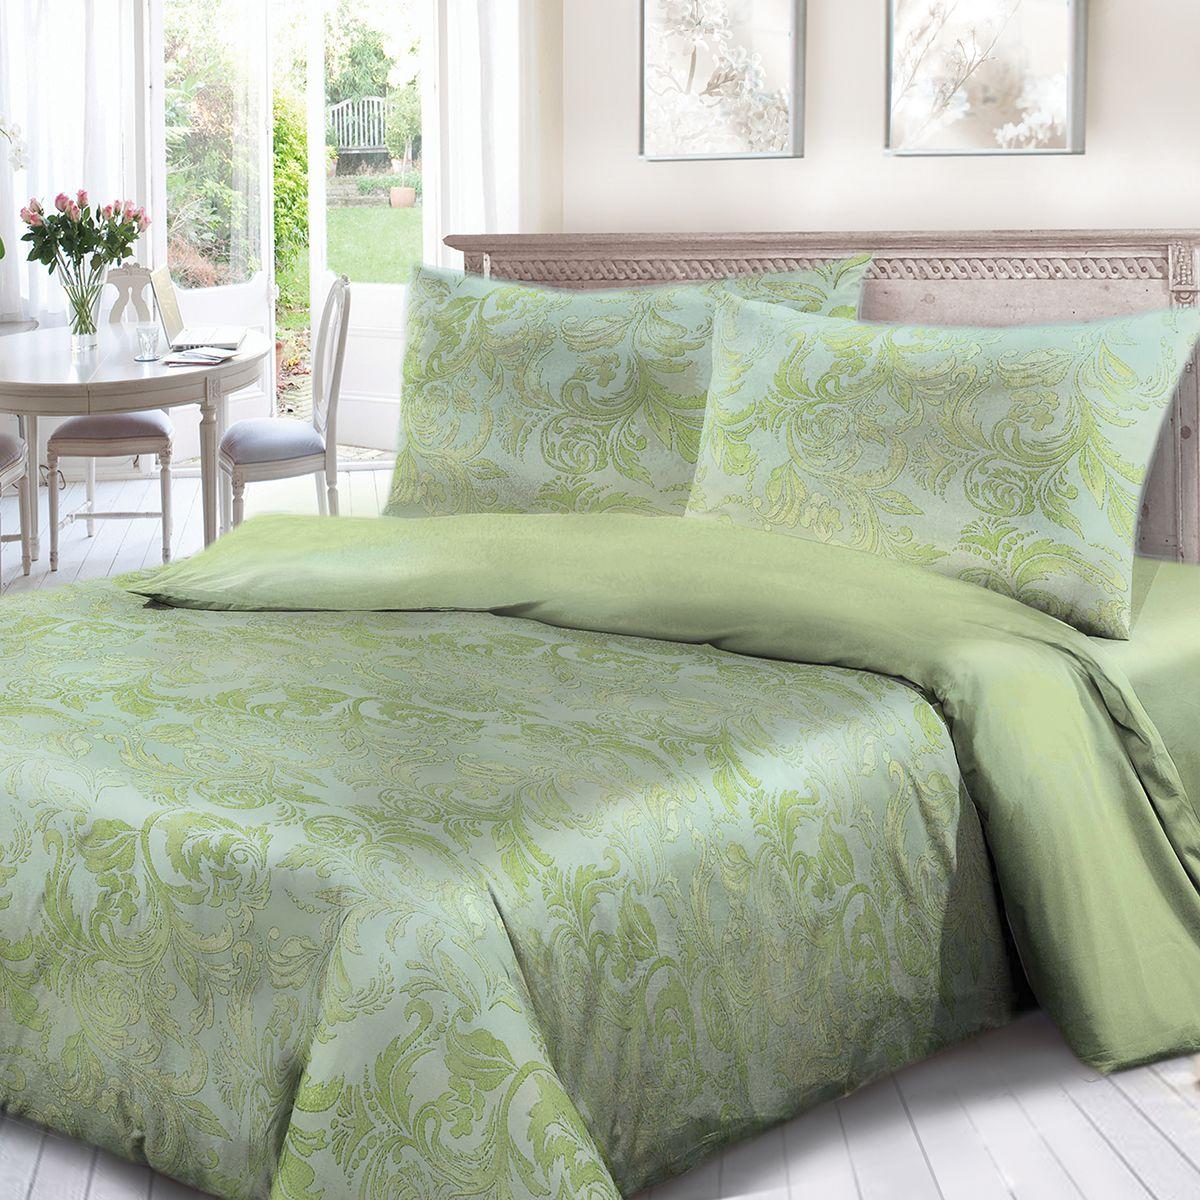 Комплект белья Сорренто Мажор, семейный, наволочки 70x70, цвет: зеленый. 3963-280291